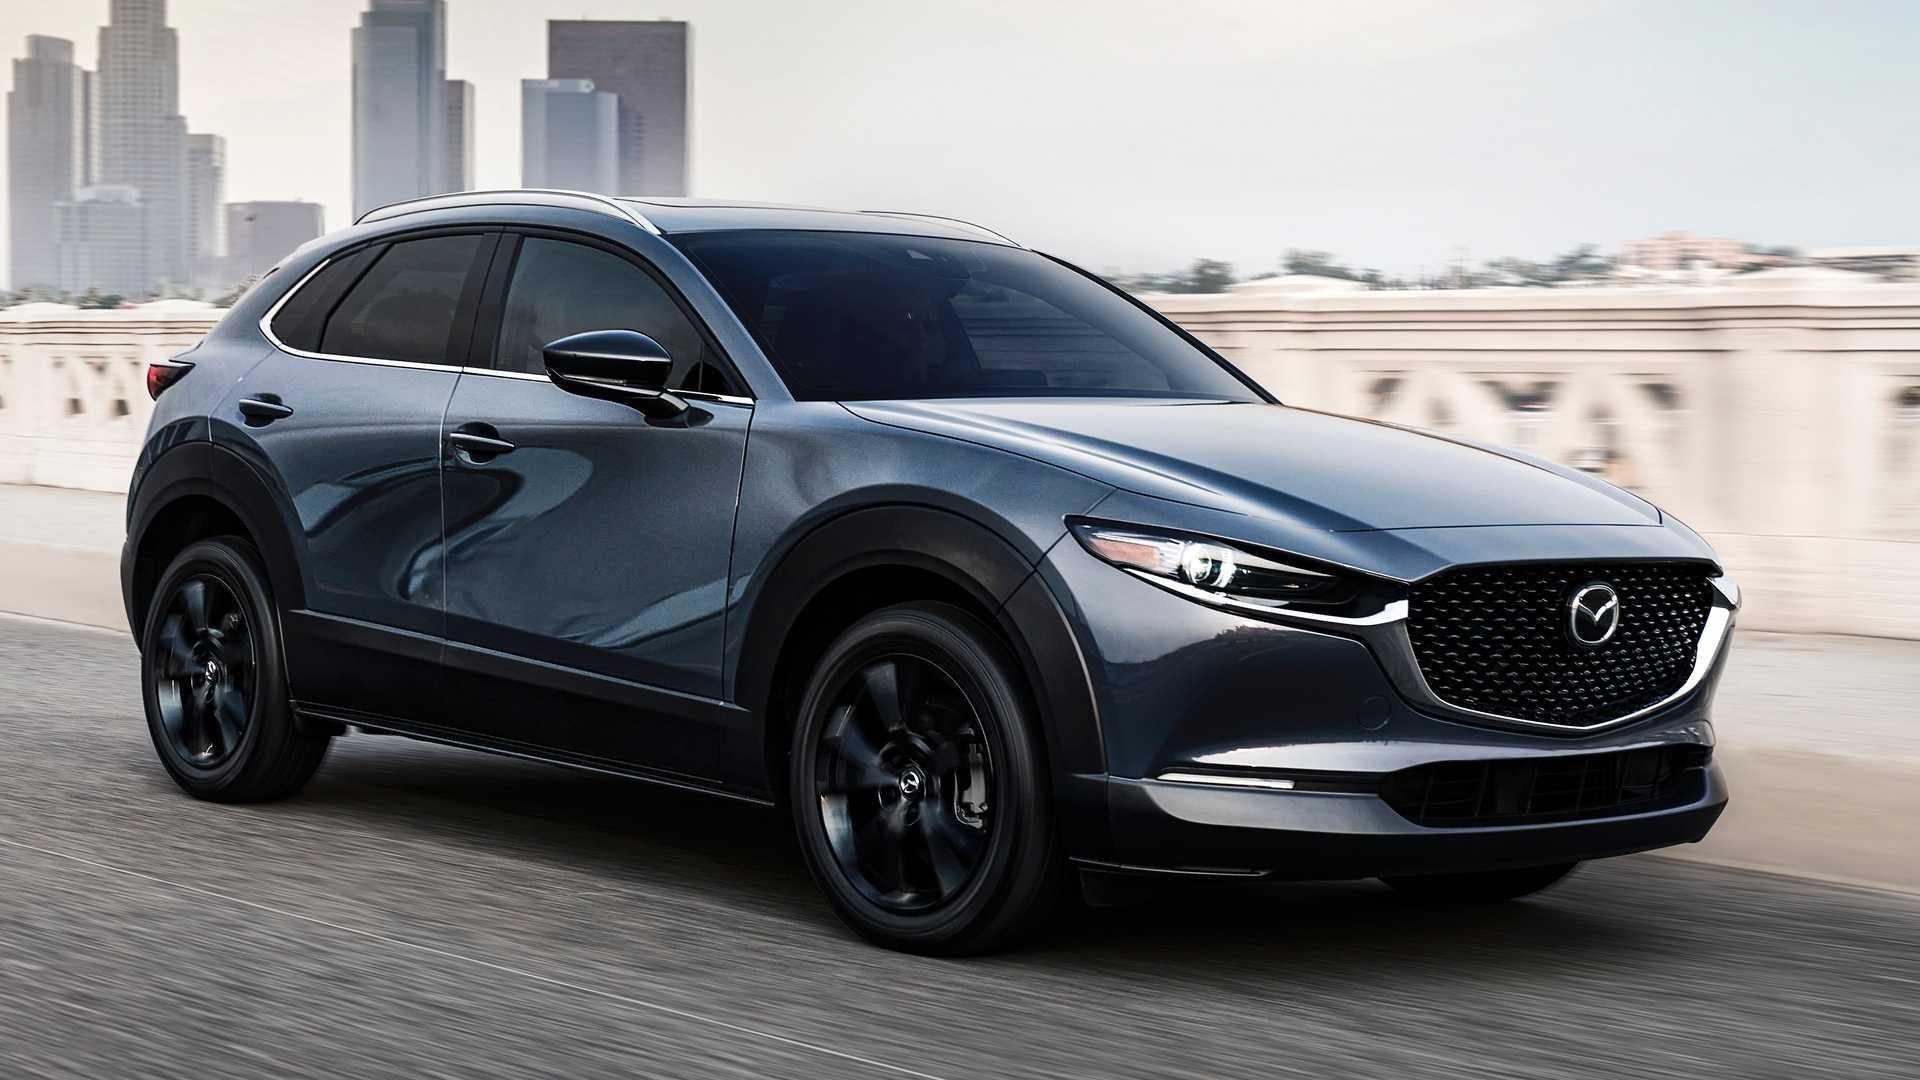 Новая Mazda СХ-30 появится на белорусском рынке уже в январе. Что по ценам?